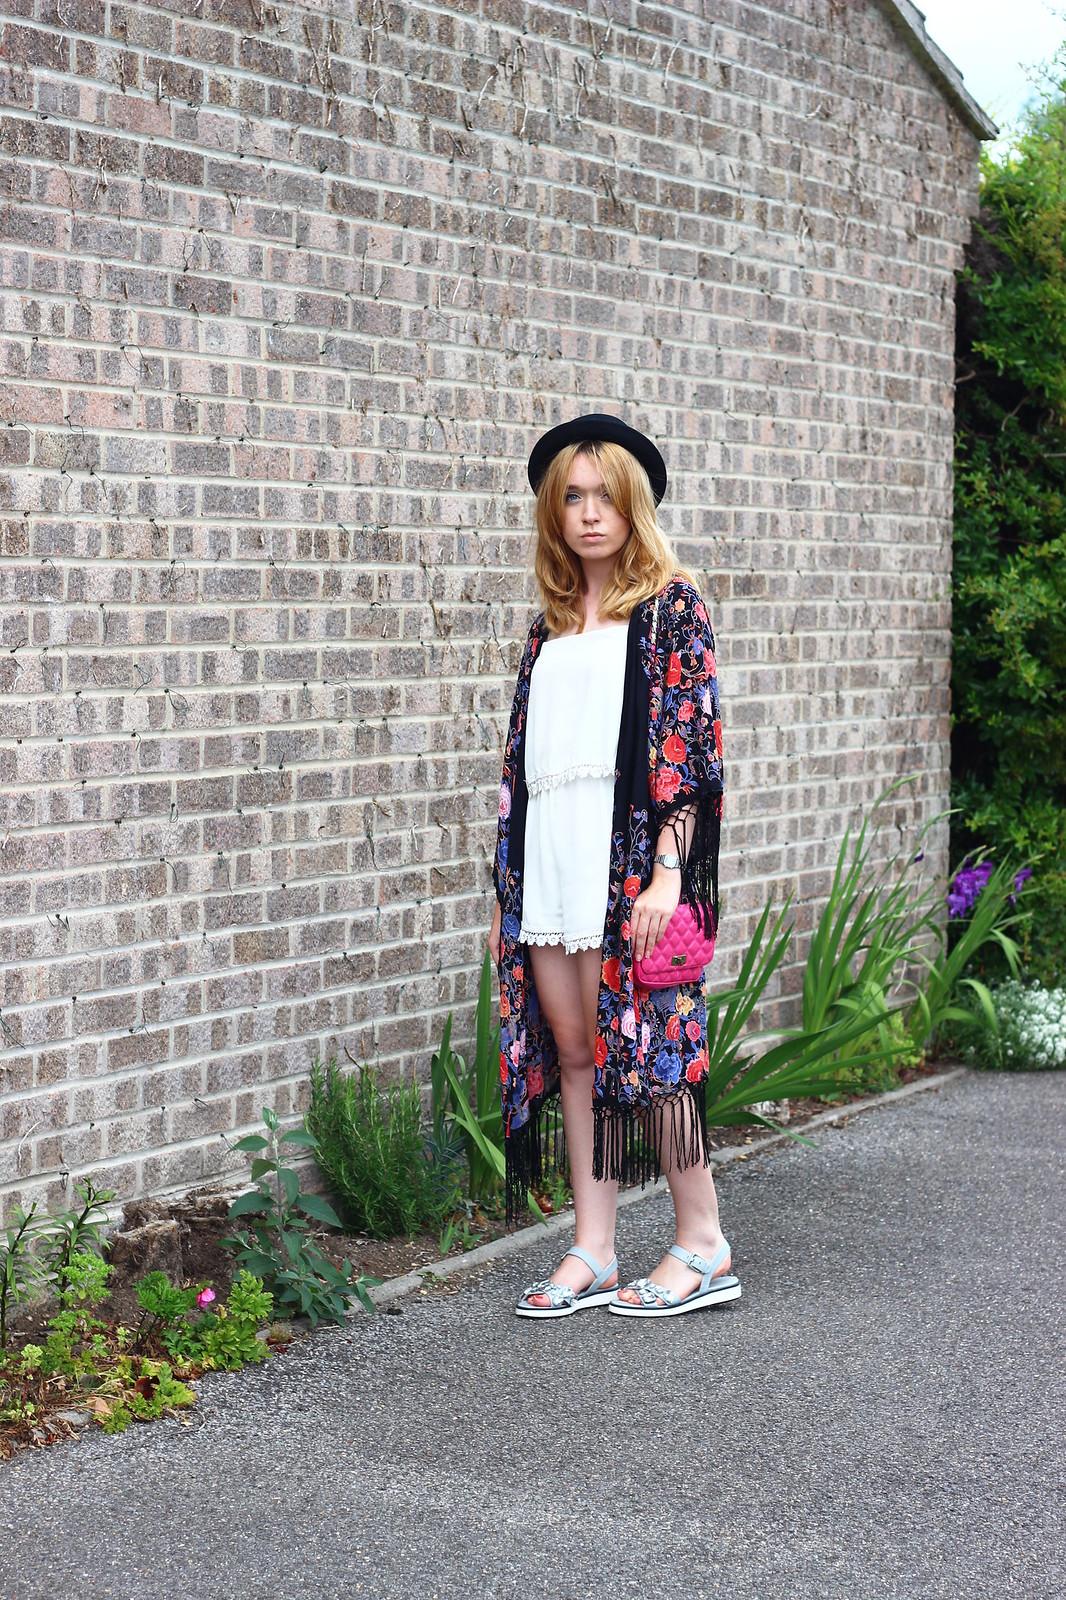 4primarkkimono, festival fashion, kimono, floral